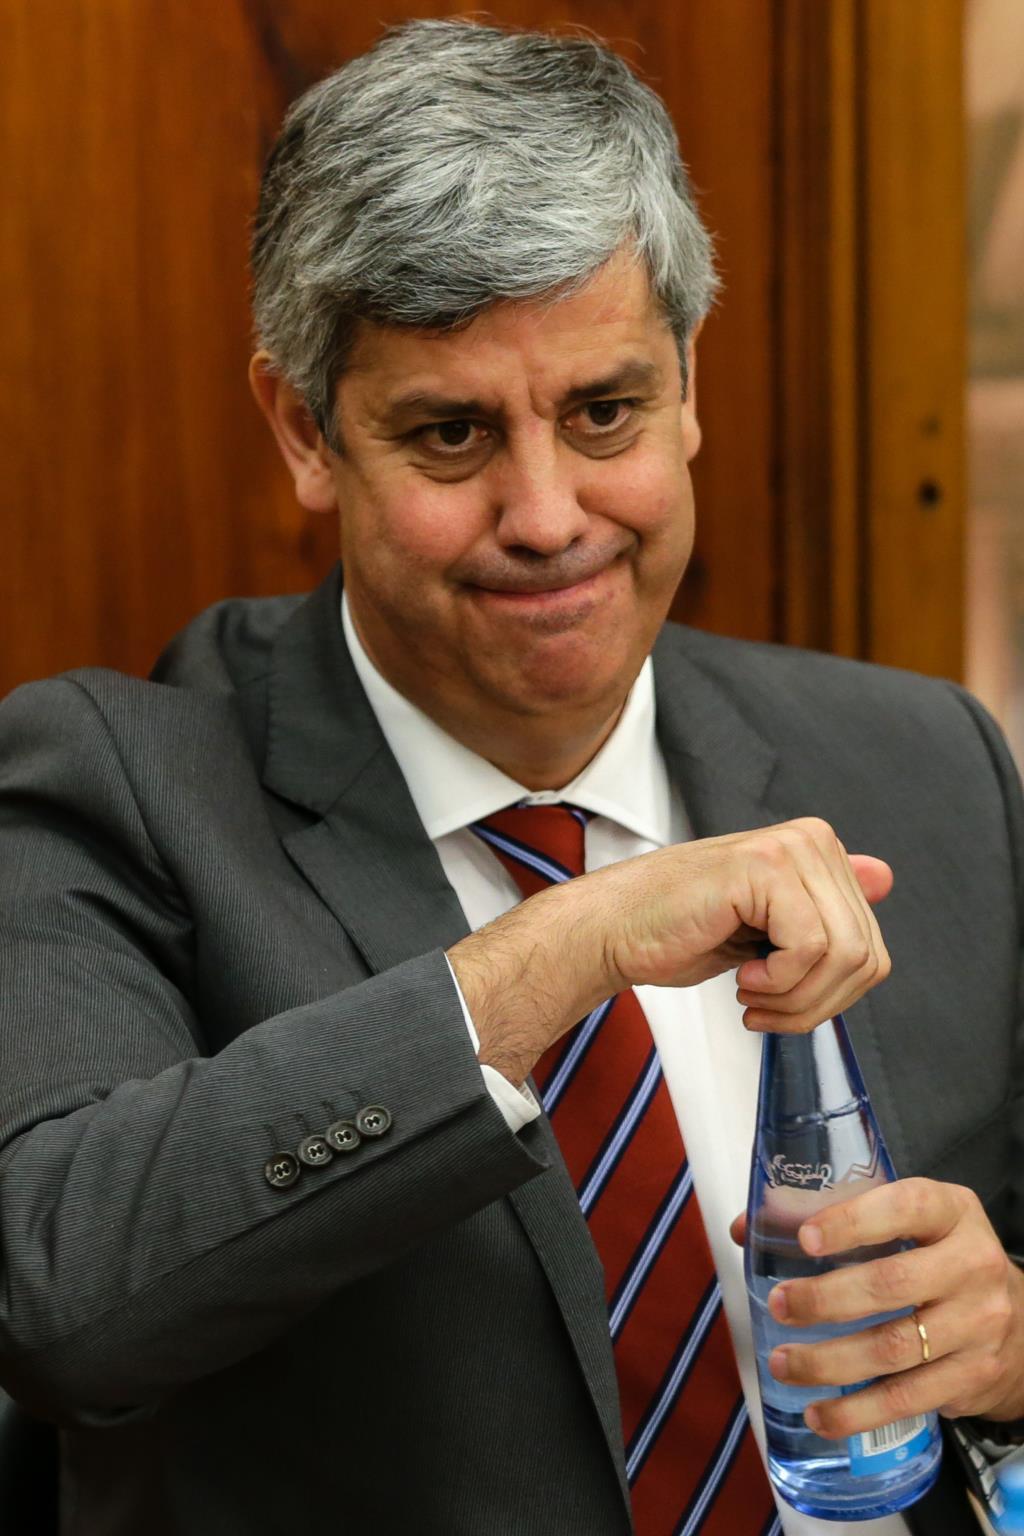 PÚBLICO - Alfredo Marvão Pereira